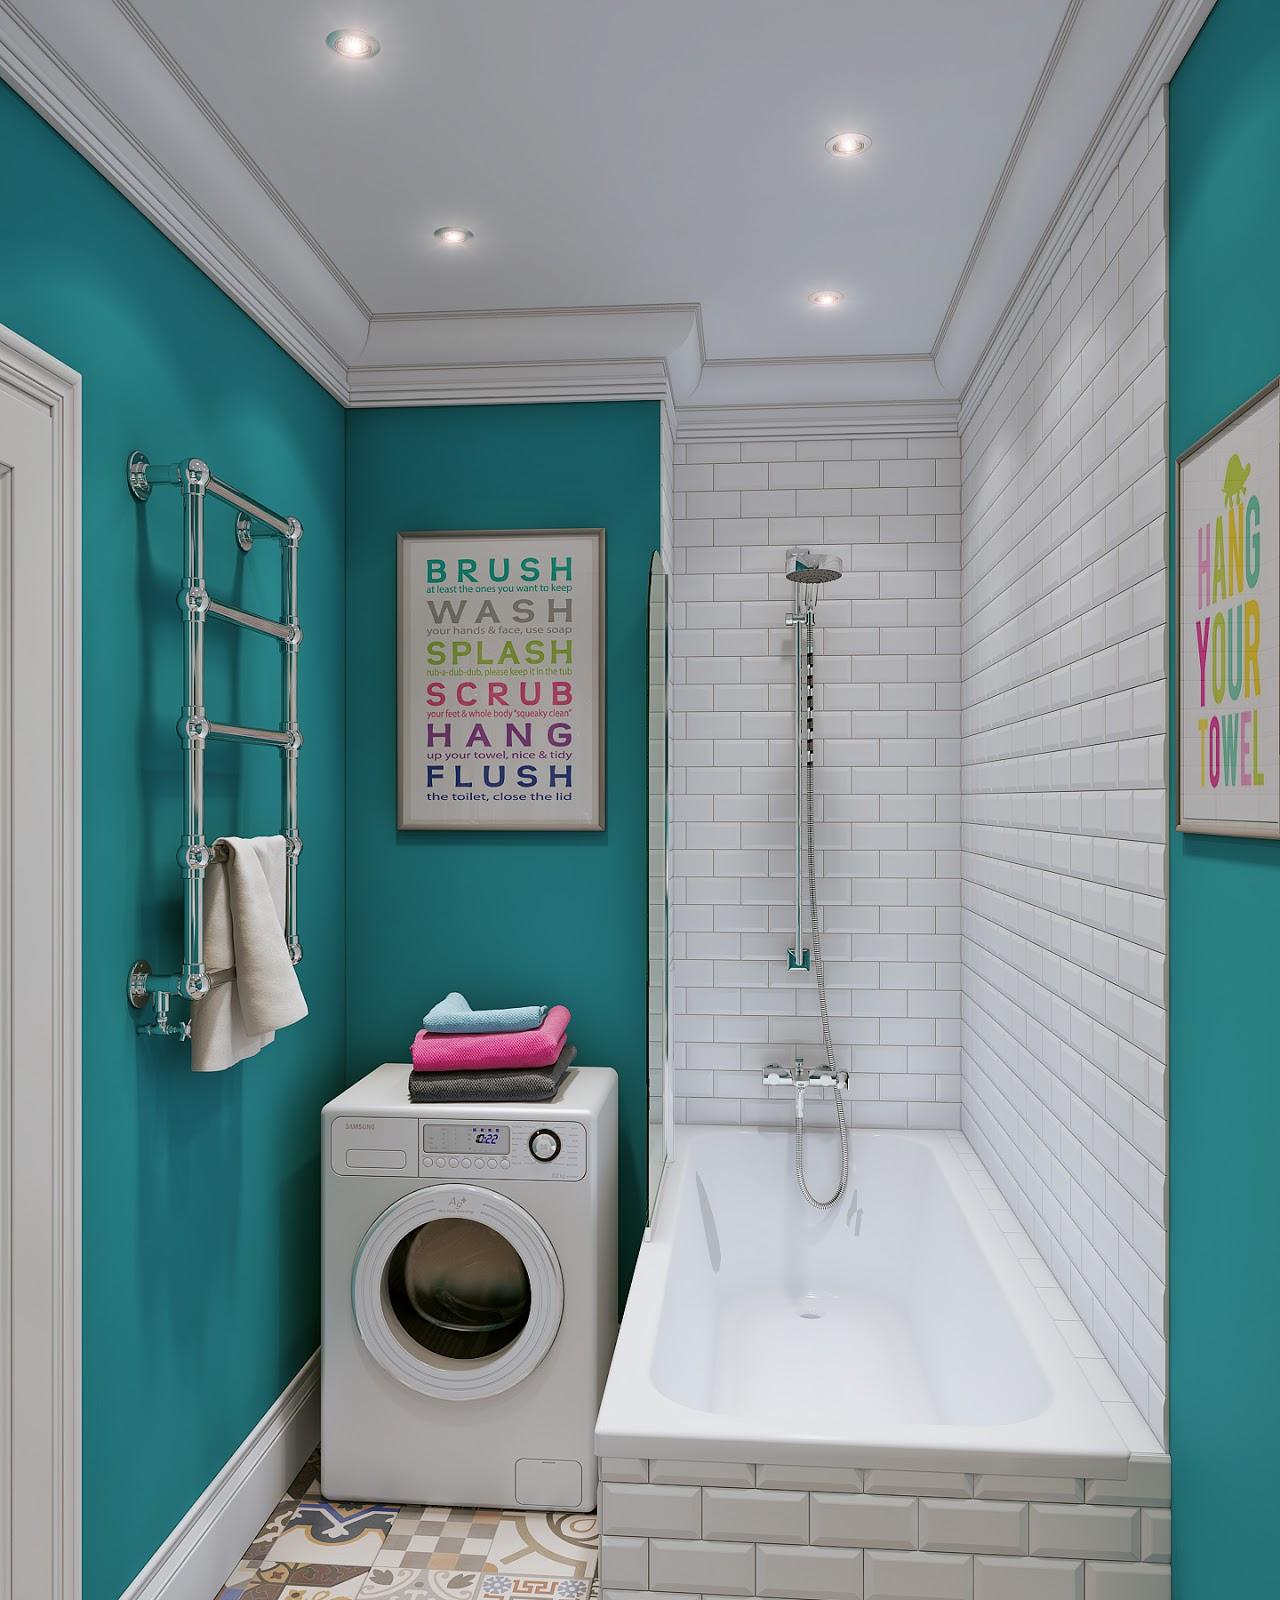 Arredare piccoli spazi giocando con i colori 25 mq for Piccoli disegni di casa